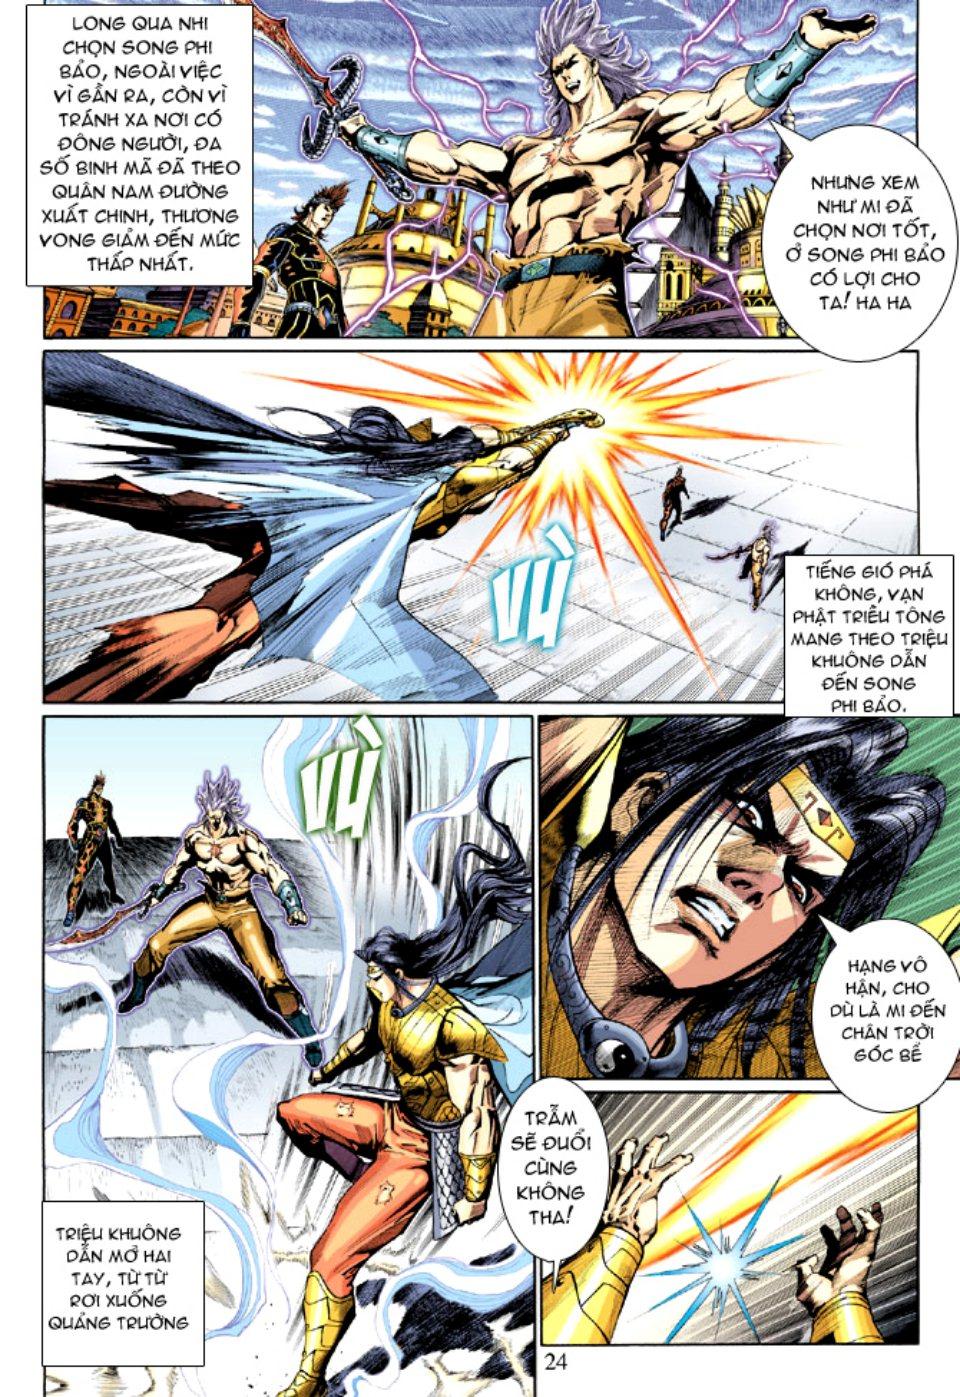 Thiên Tử Truyền Kỳ 5 - Như Lai Thần Chưởng chap 212 - Trang 24